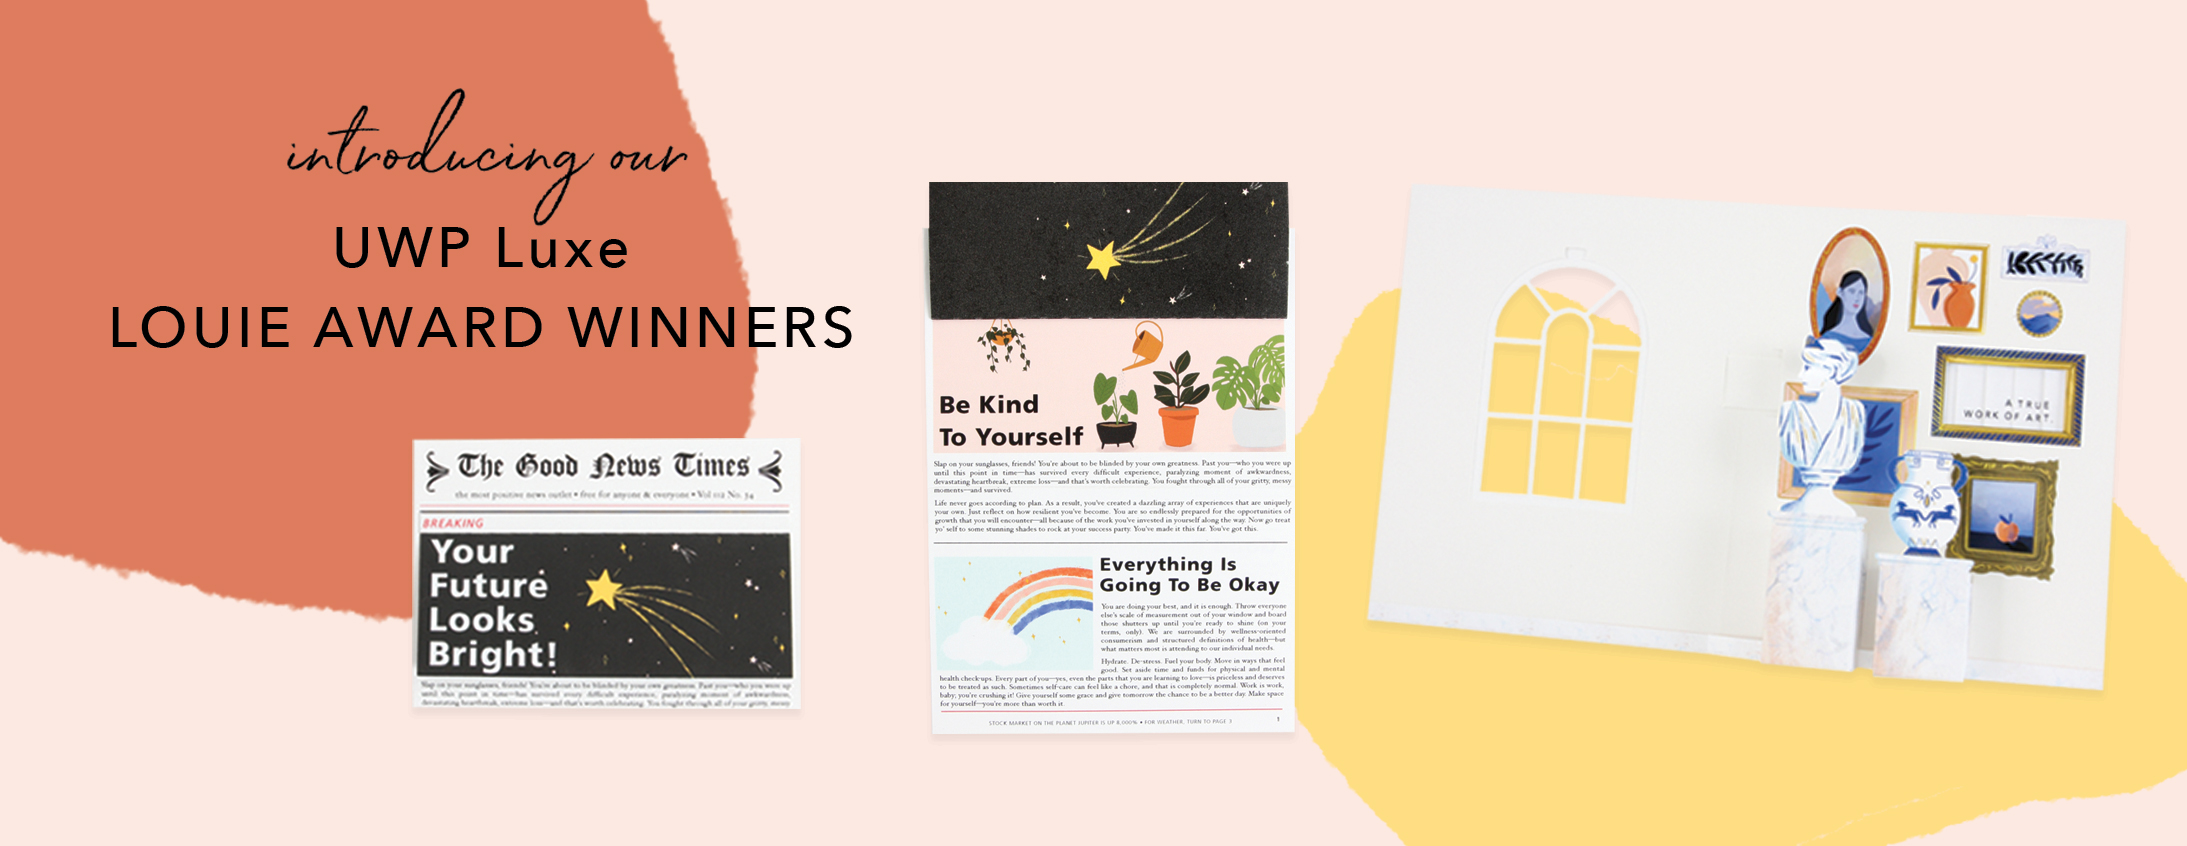 Luxe-louie-award-winners